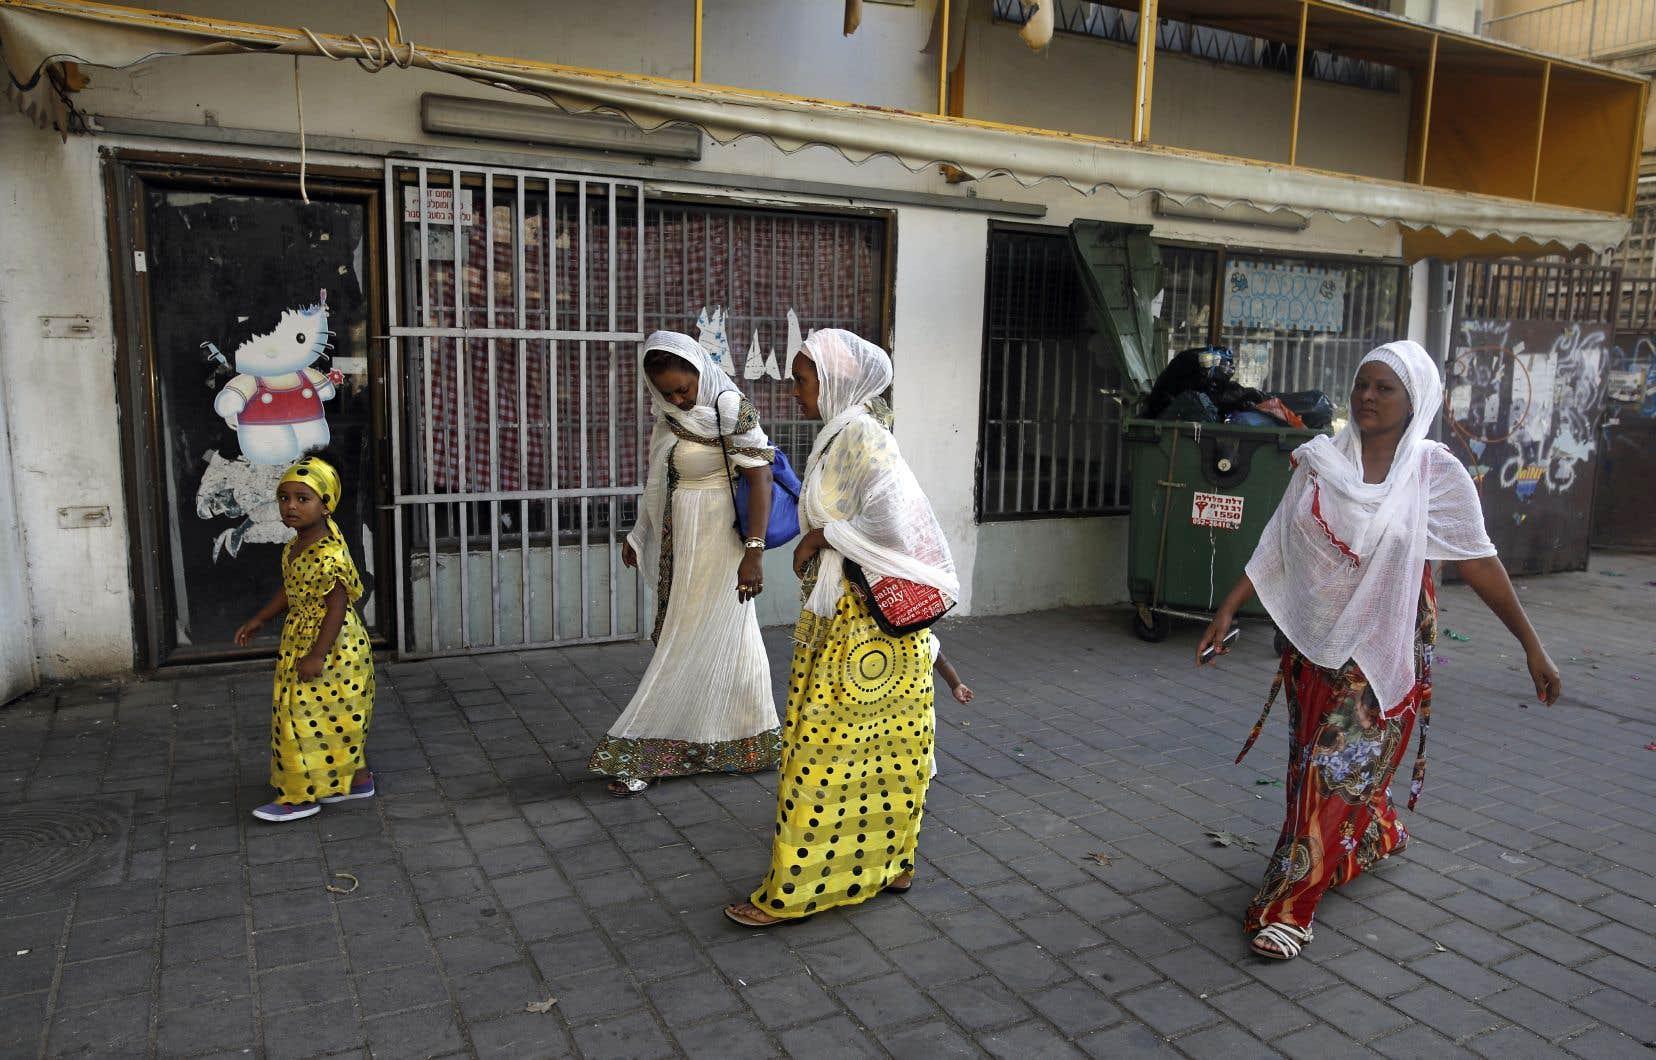 Selon les chiffres du ministère de l'Intérieur, 38 000 personnes sont concernées, en majorité des Érythréens et des Soudanais.